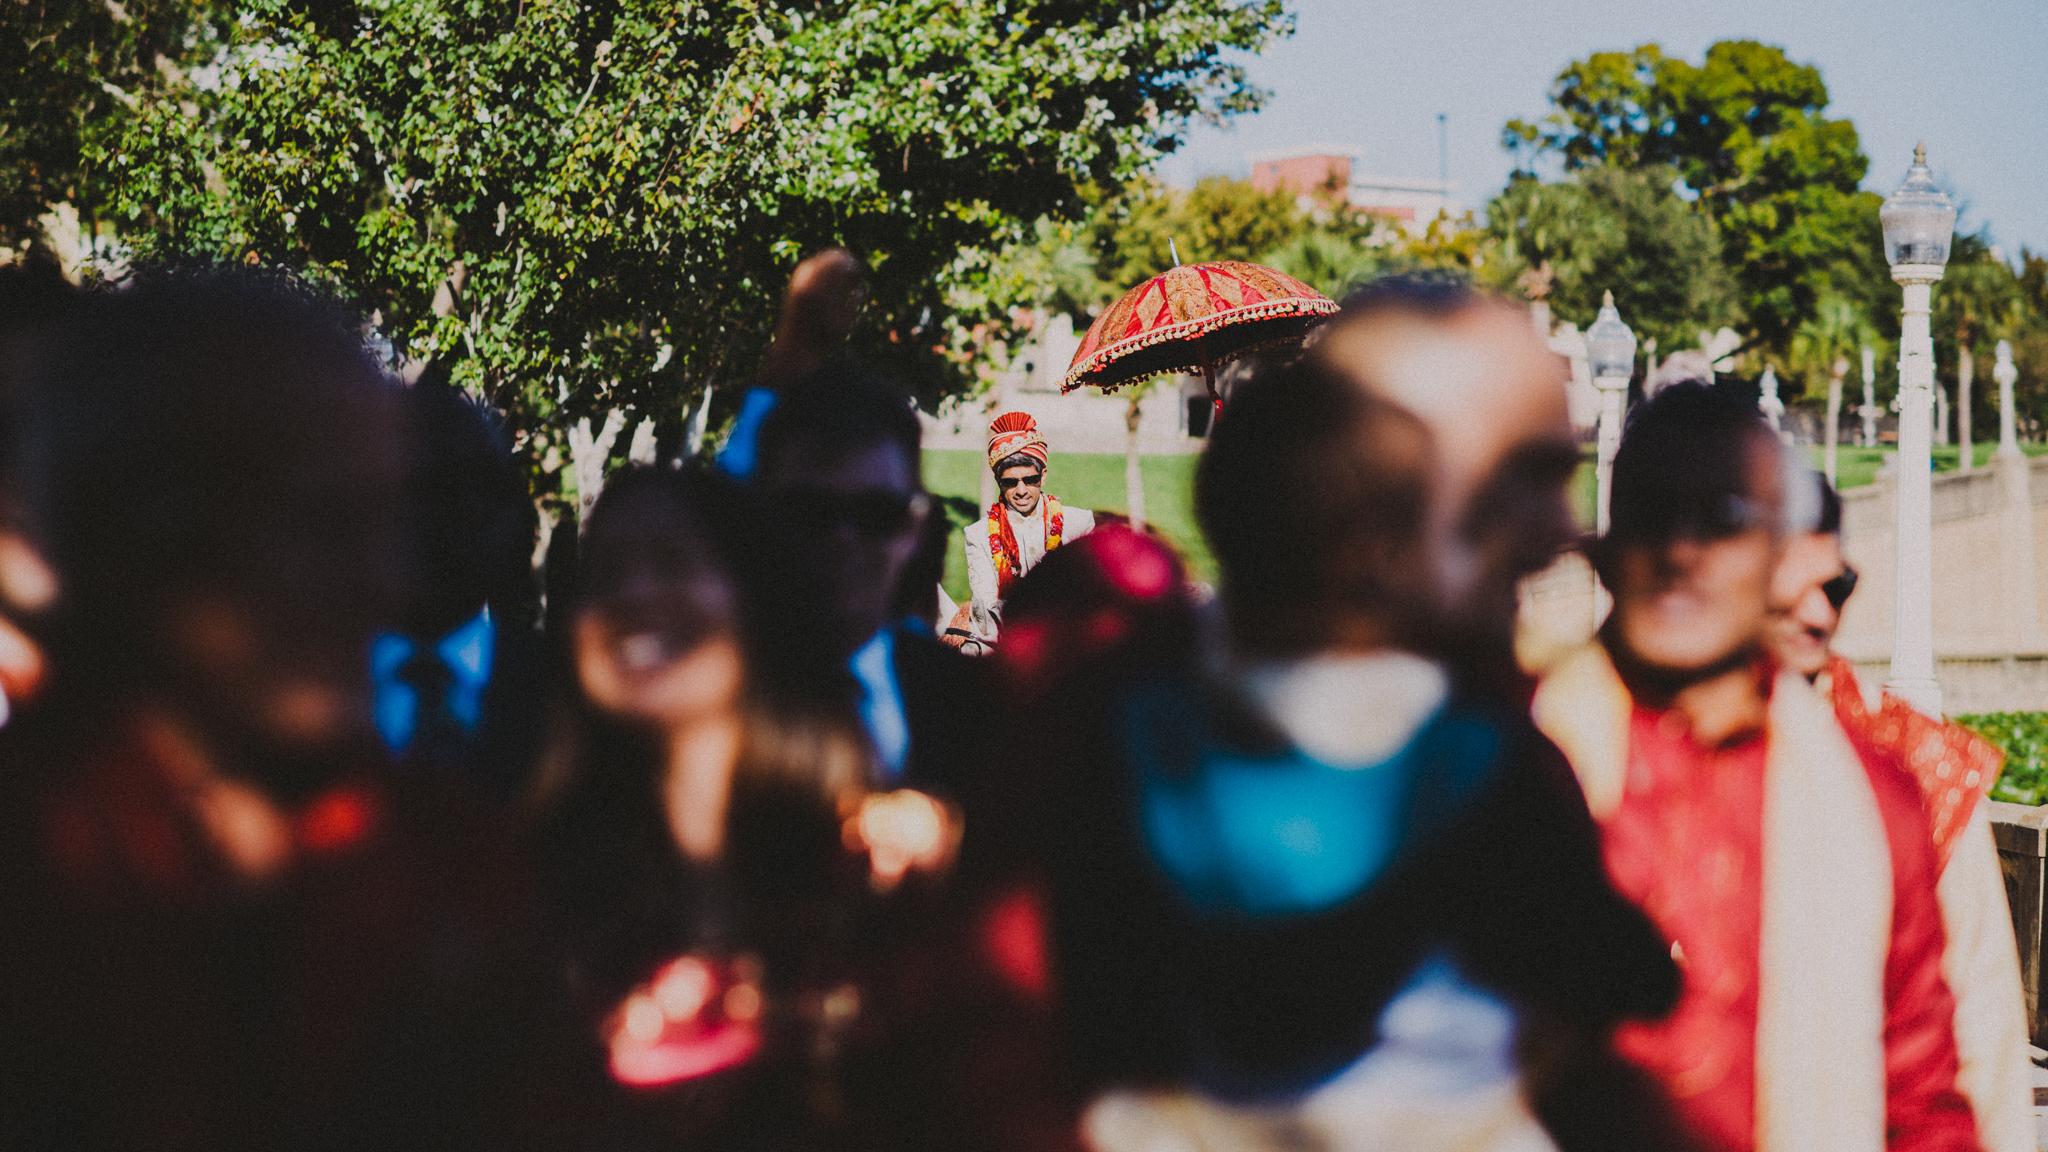 orlando_wedding_photographer_florida_gian_carlo_photography_021.jpg